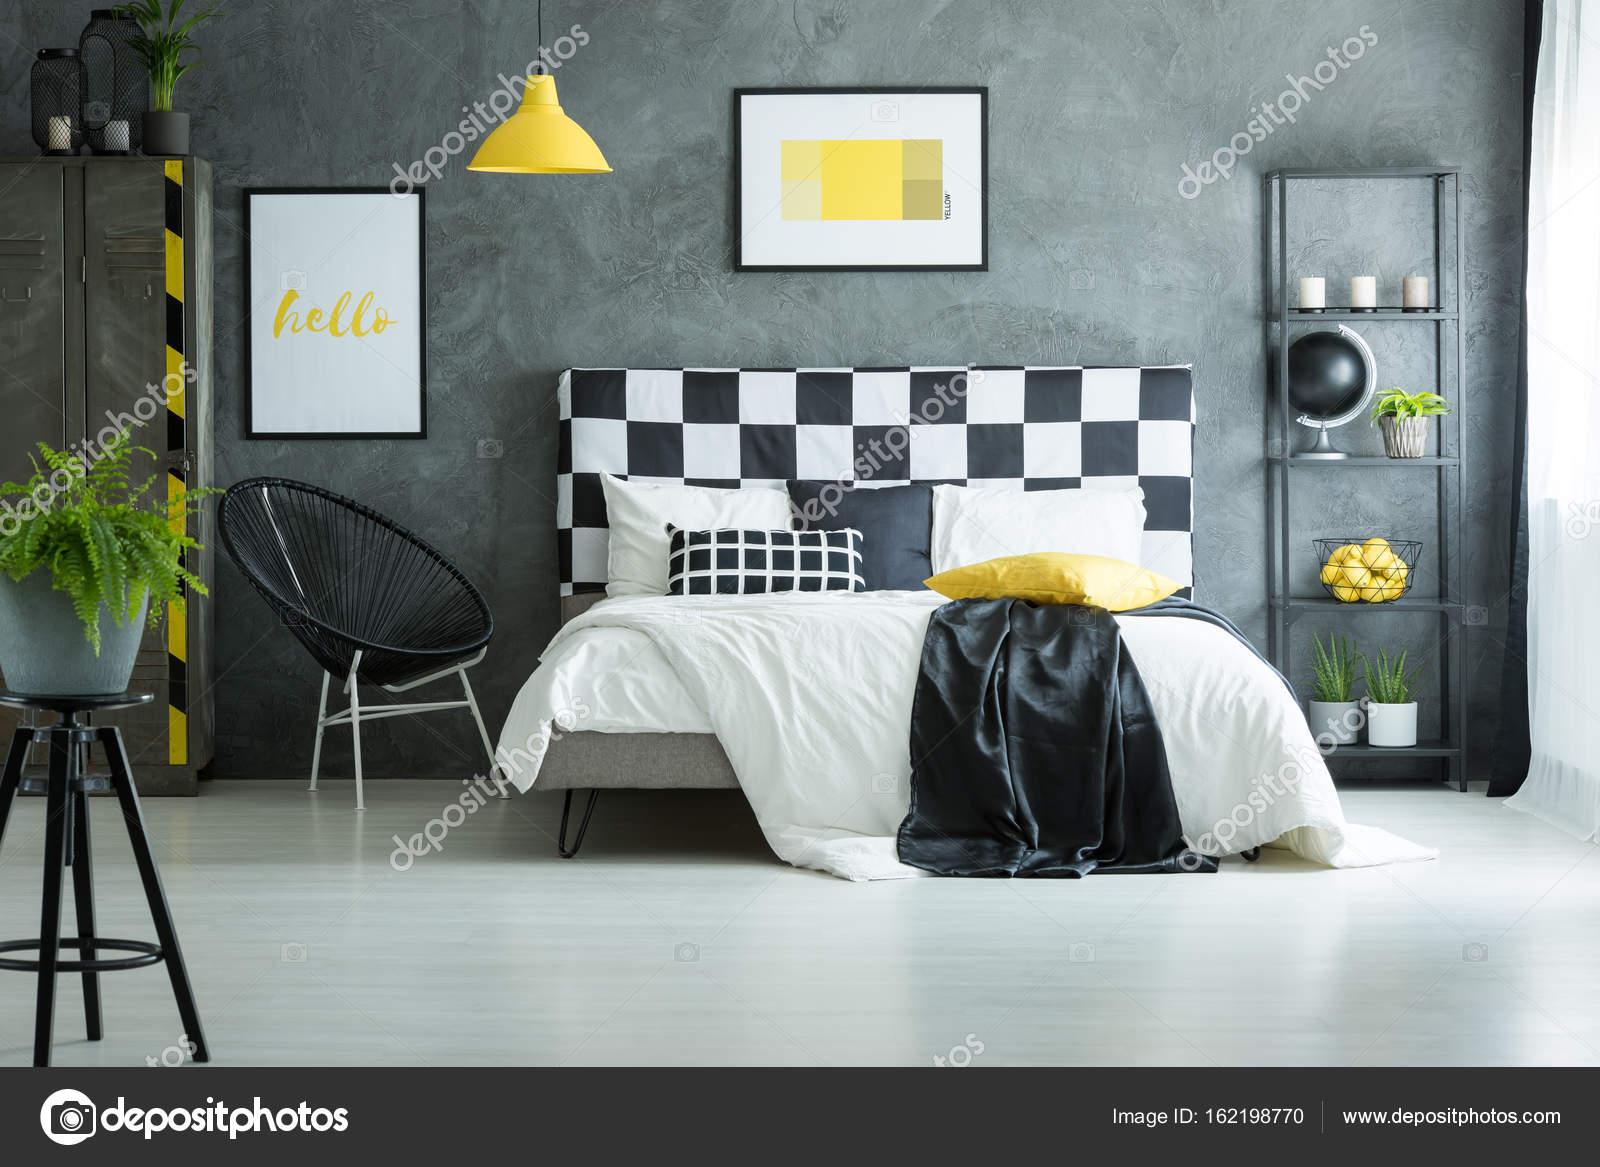 Camera Da Letto Bianco Lucido : Accogliente camera da letto con pavimento bianco lucido u2014 foto stock